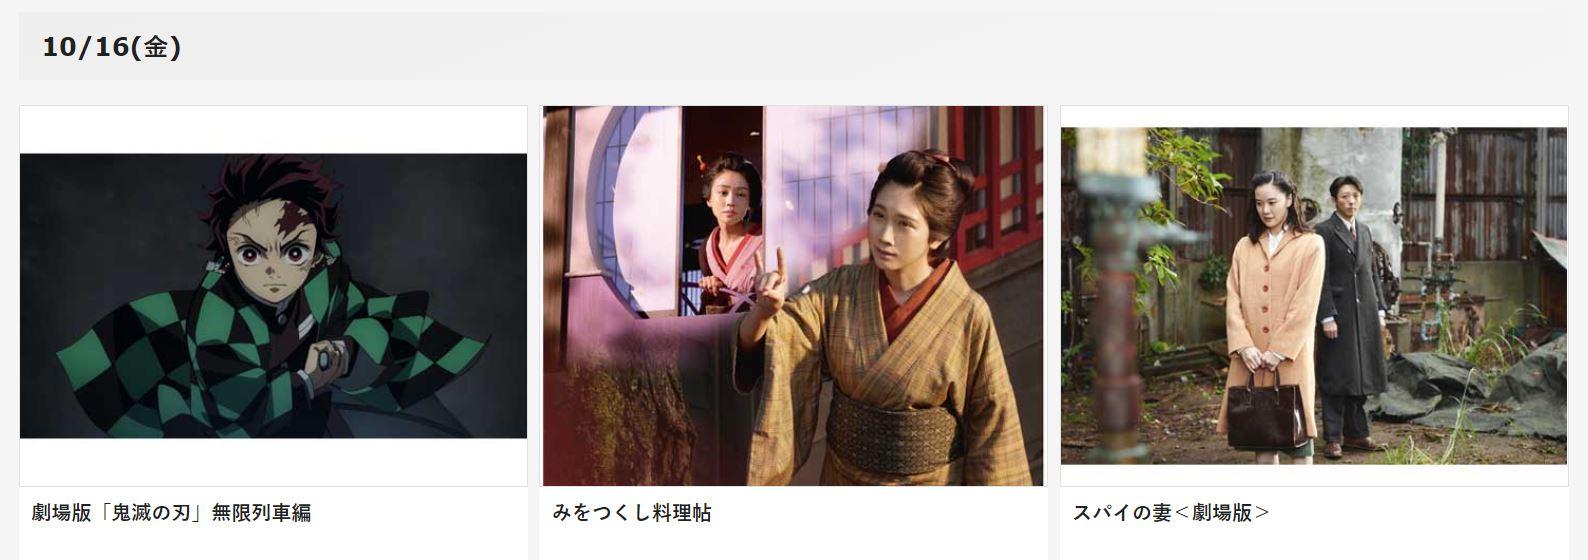 16日公開映画